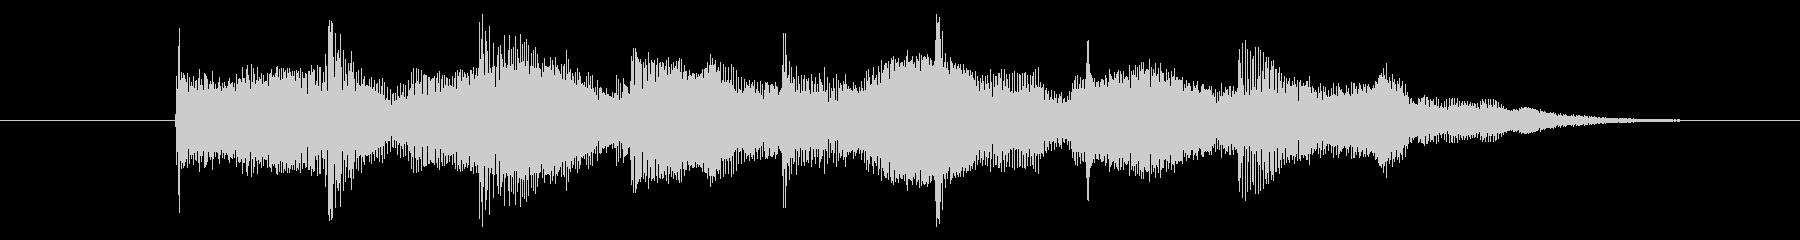 ゲームオーバー効果音 高めの音 失敗の未再生の波形